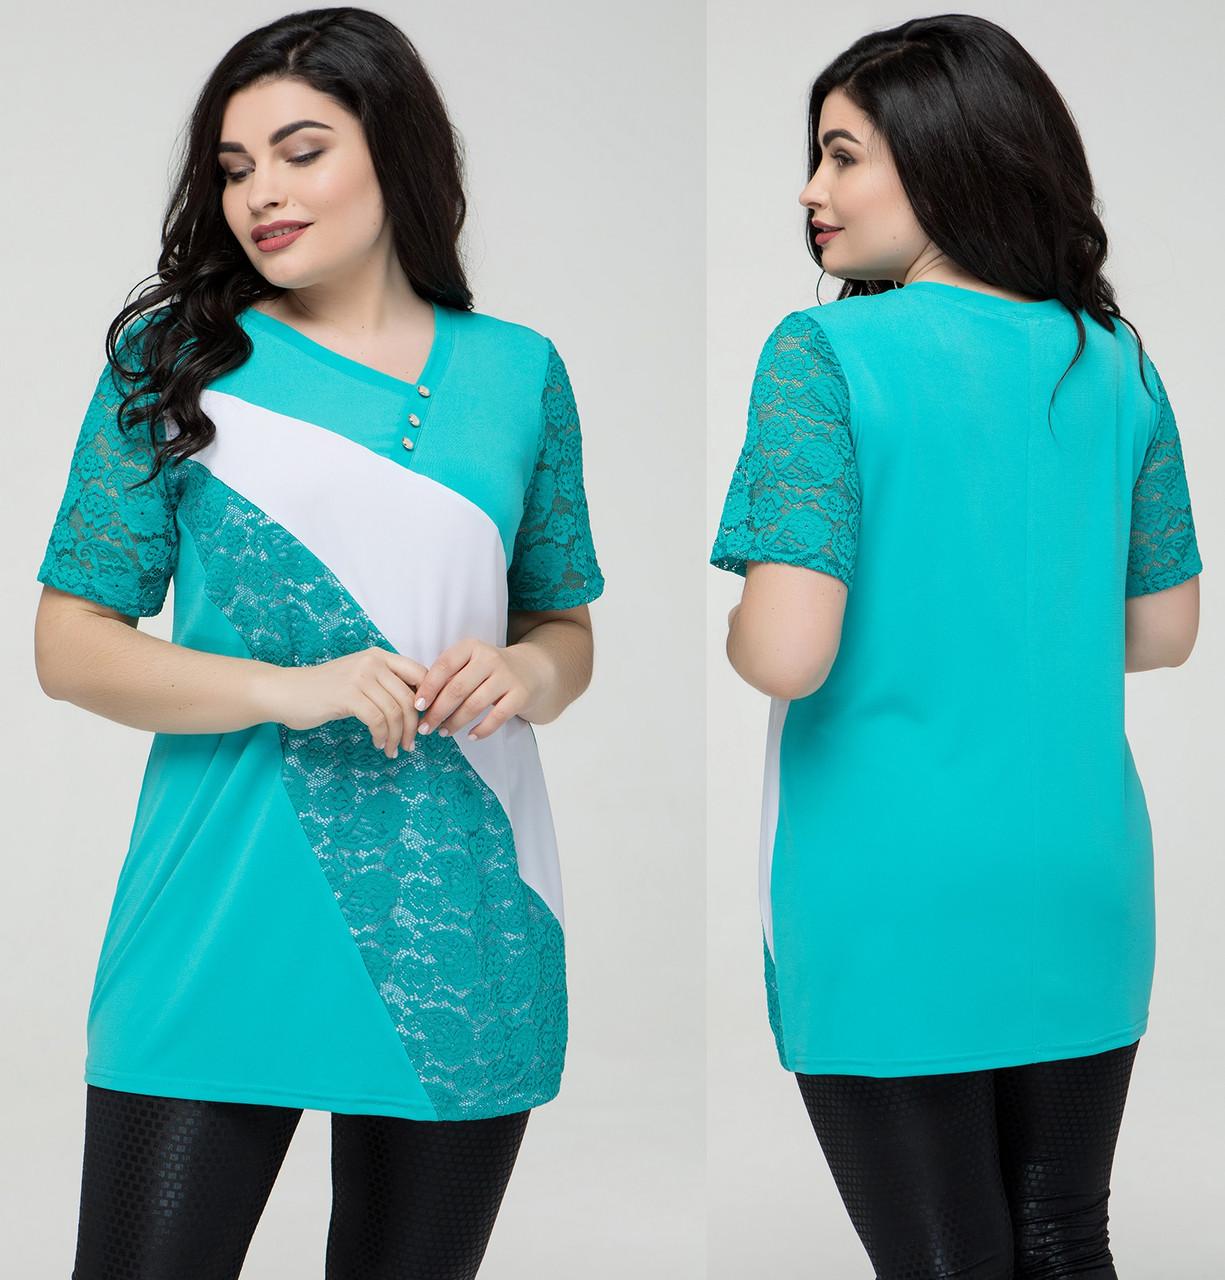 a5d5012a7602f Гипюровая блуза женская нарядная блузка трикотажная летняя больших размеров  (батал), бирюзовая